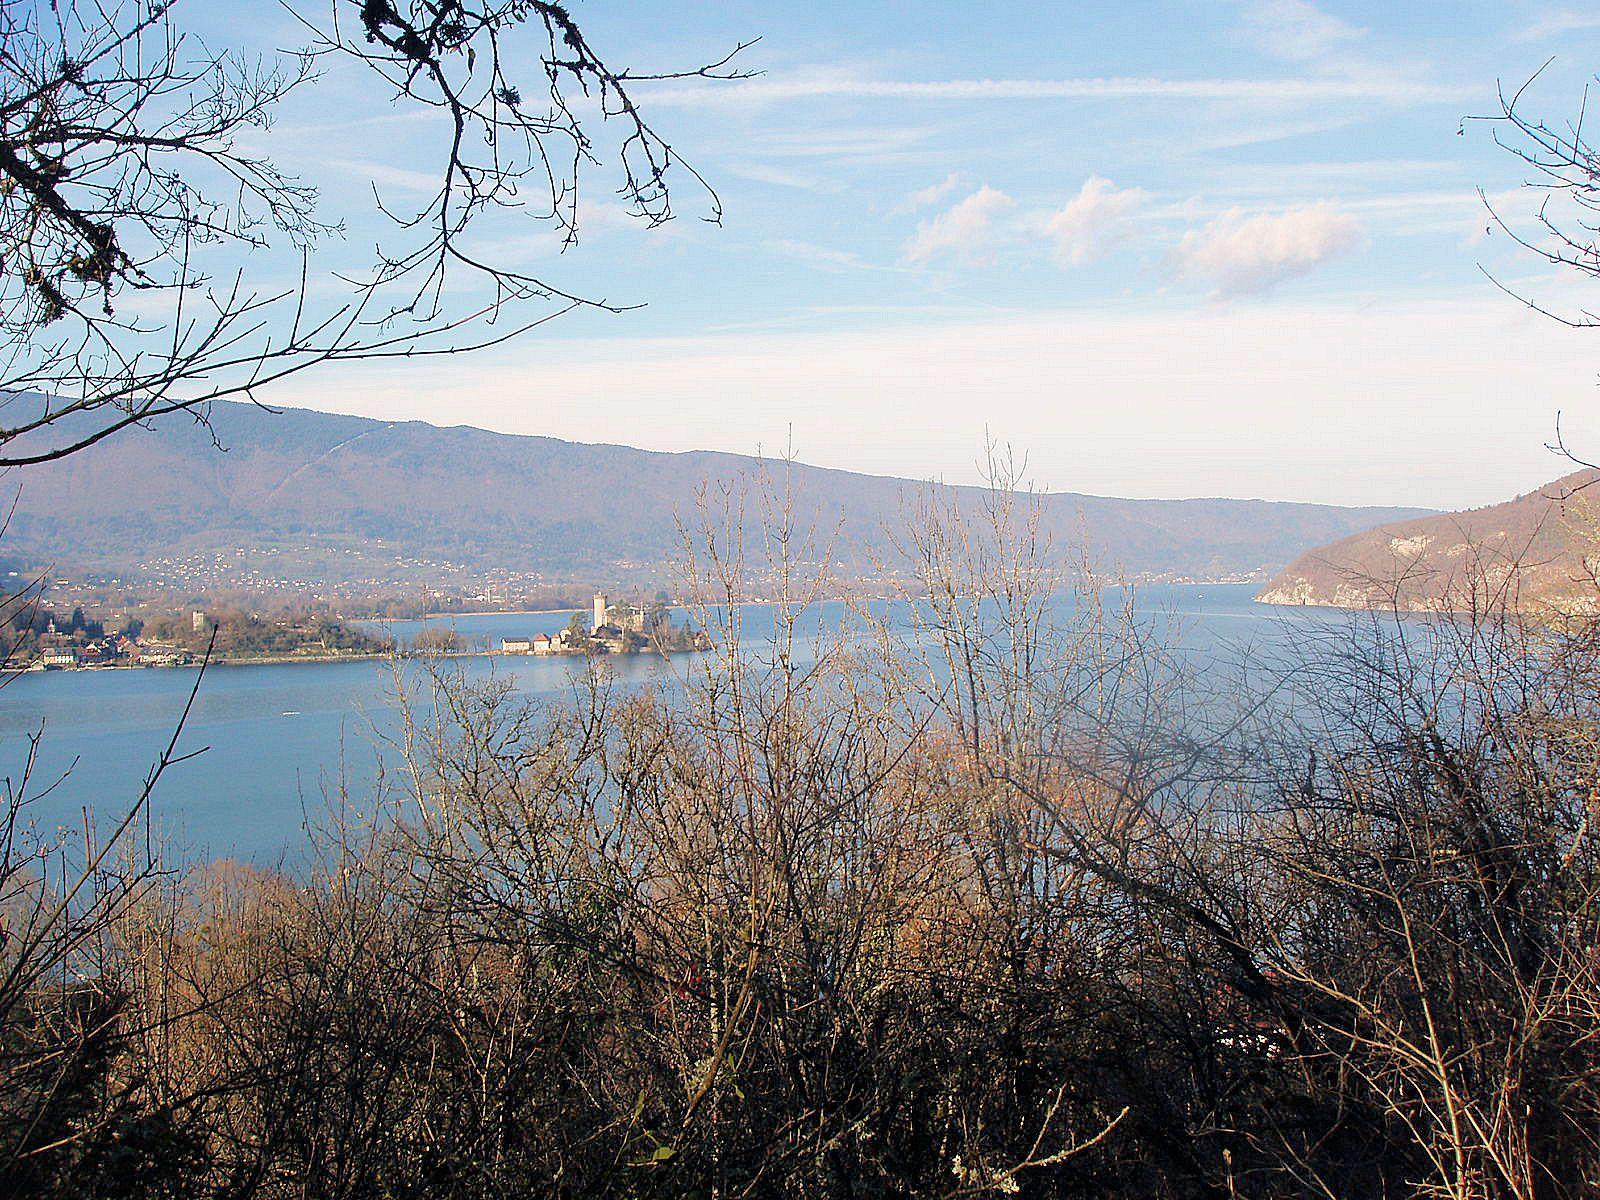 Le lac d'Annecy et le chateau de Ruphy à Duingt